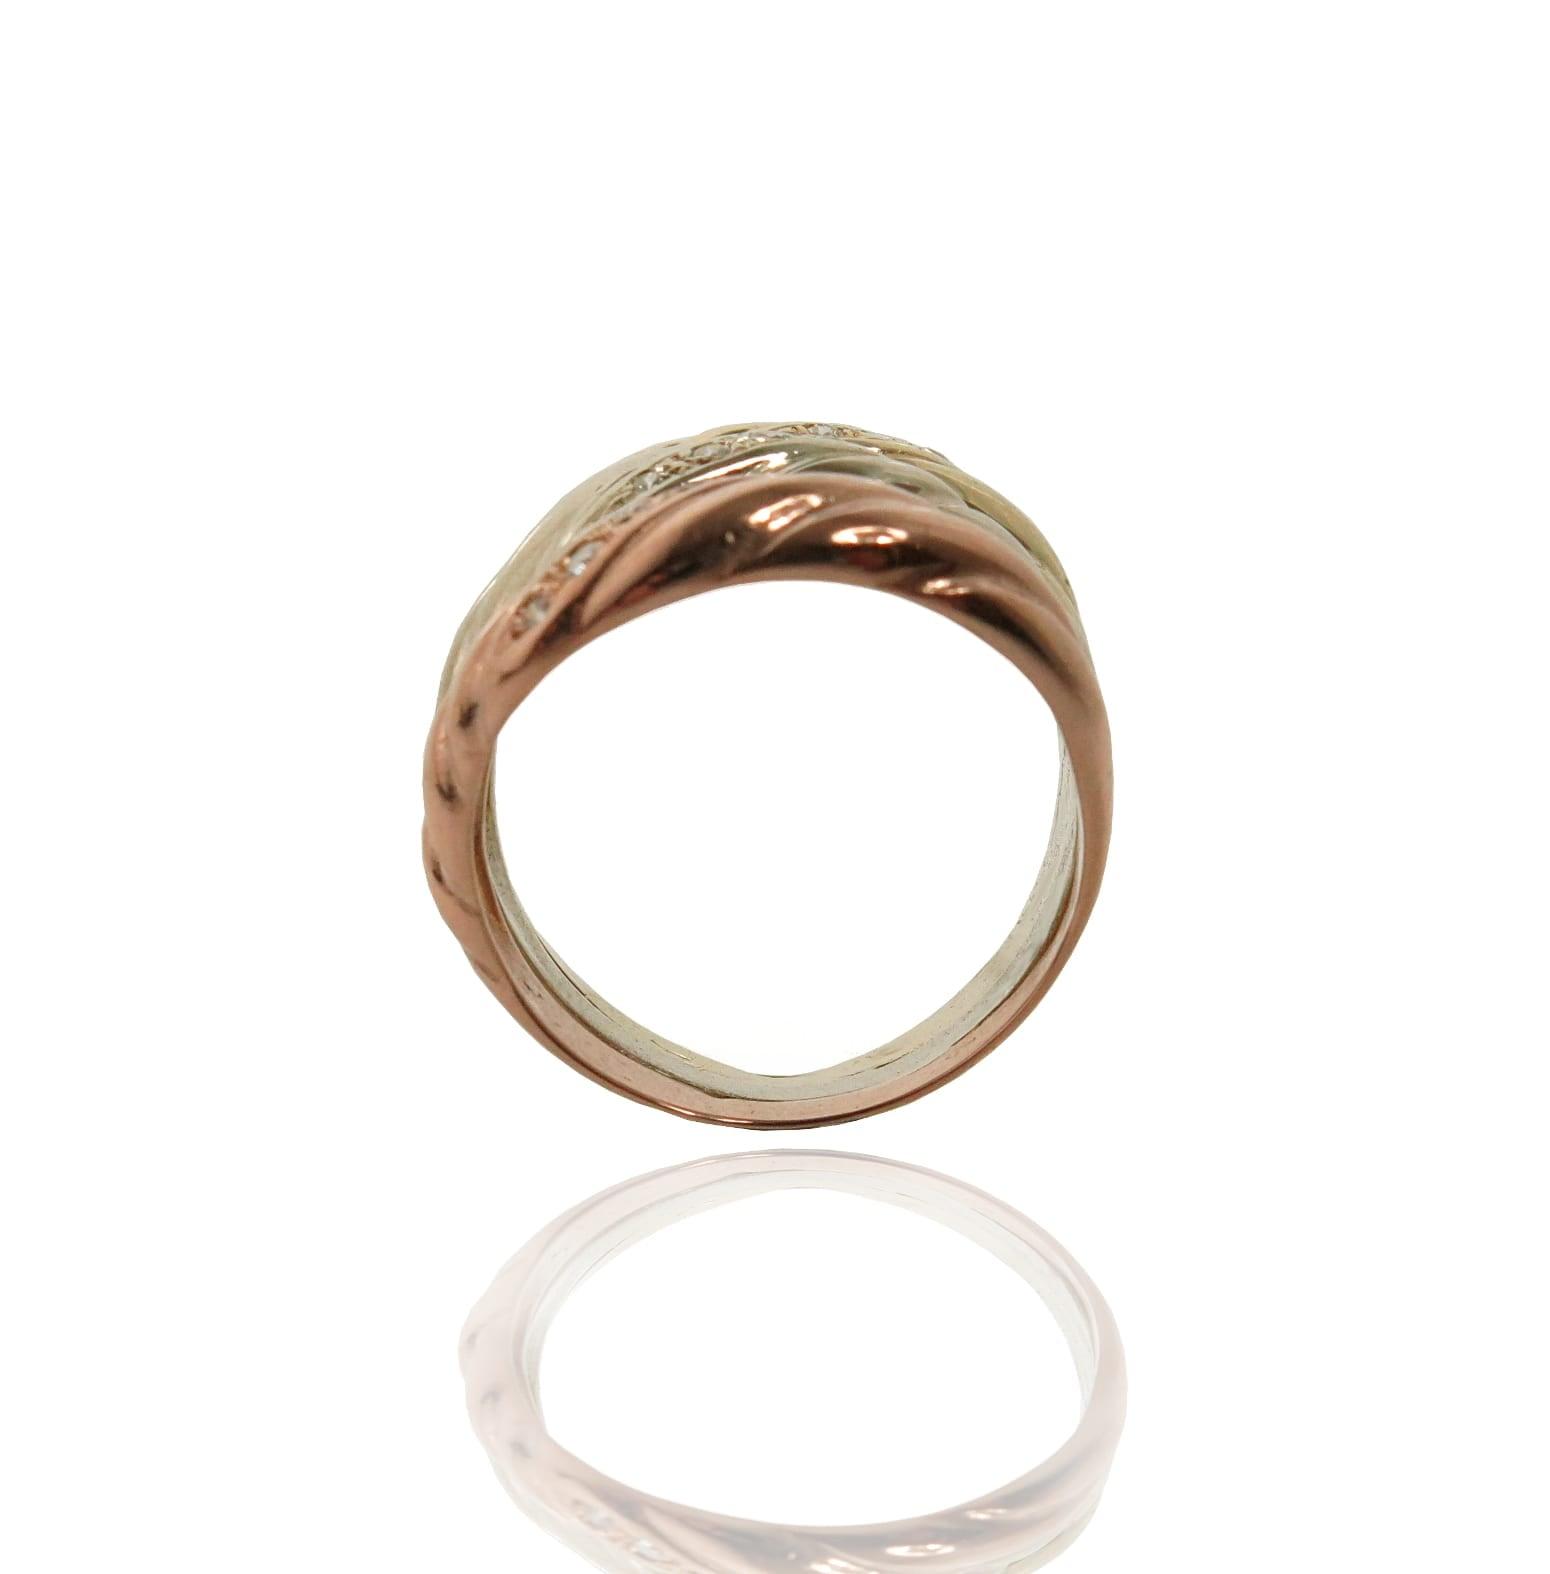 טבעת זהב שלושה צבעים I זהב 3 צבעים I טבעת טריקולור עם זרקונים